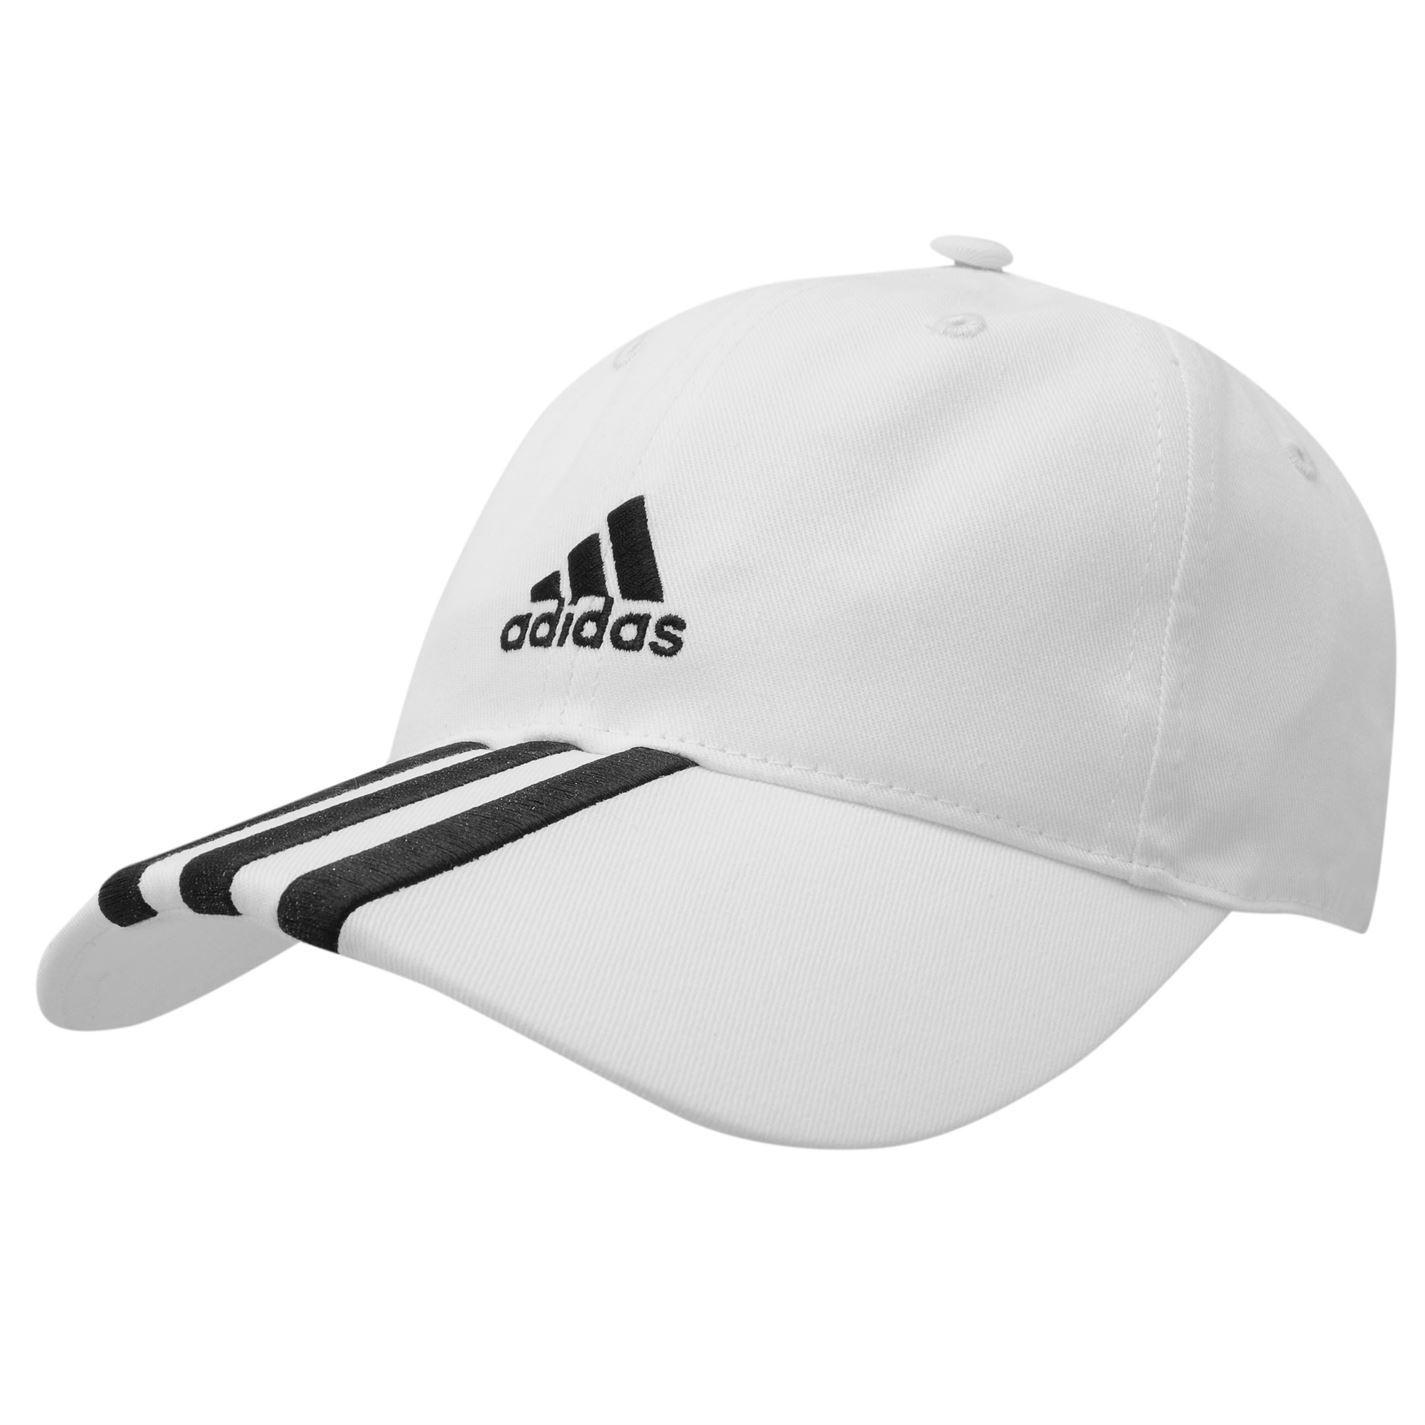 Adidas Cap For Kids giftedoriginals.co.uk 4d53722d3a5